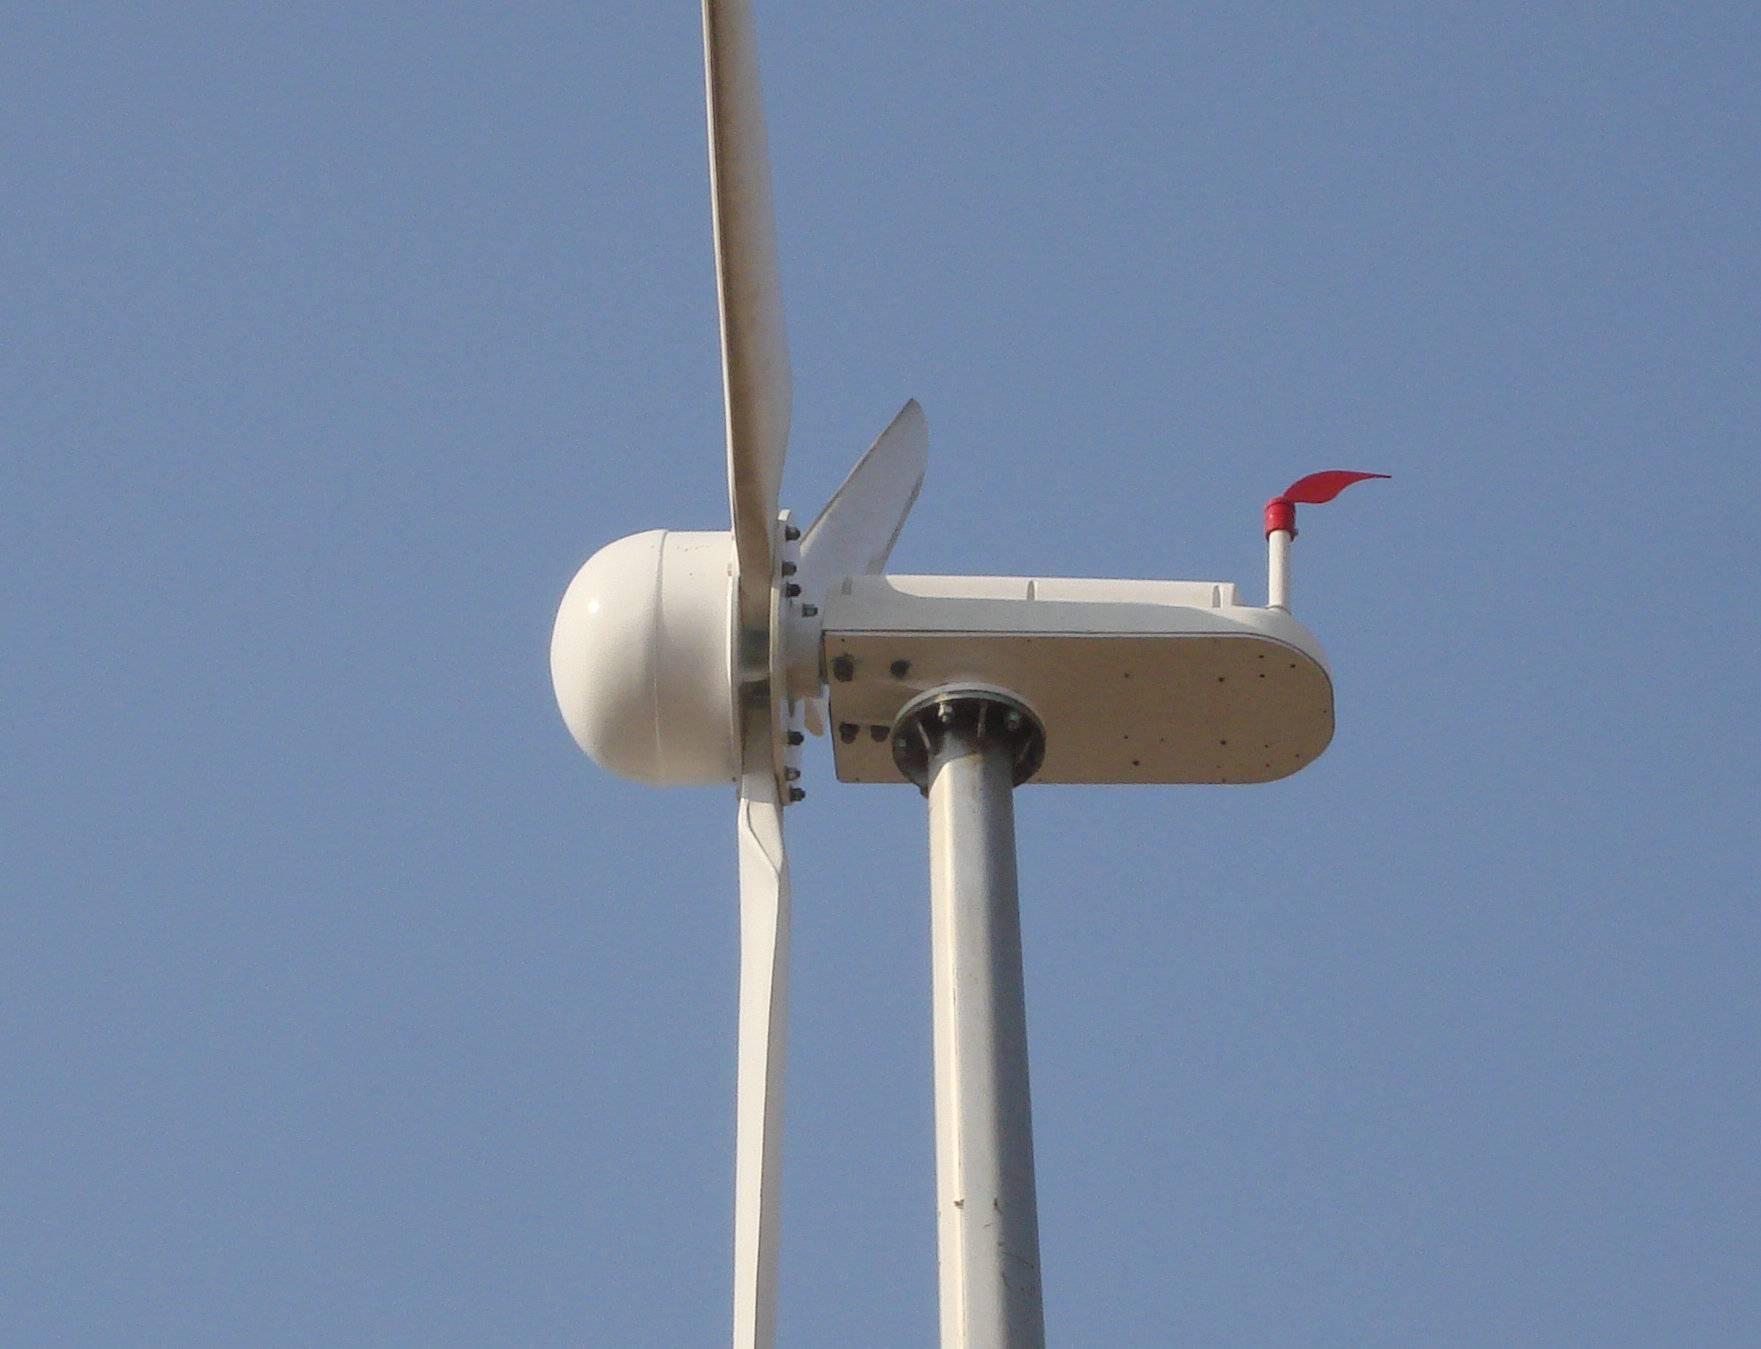 Hummer H4 6 3kw wind power turbine off grid wind turbine home use